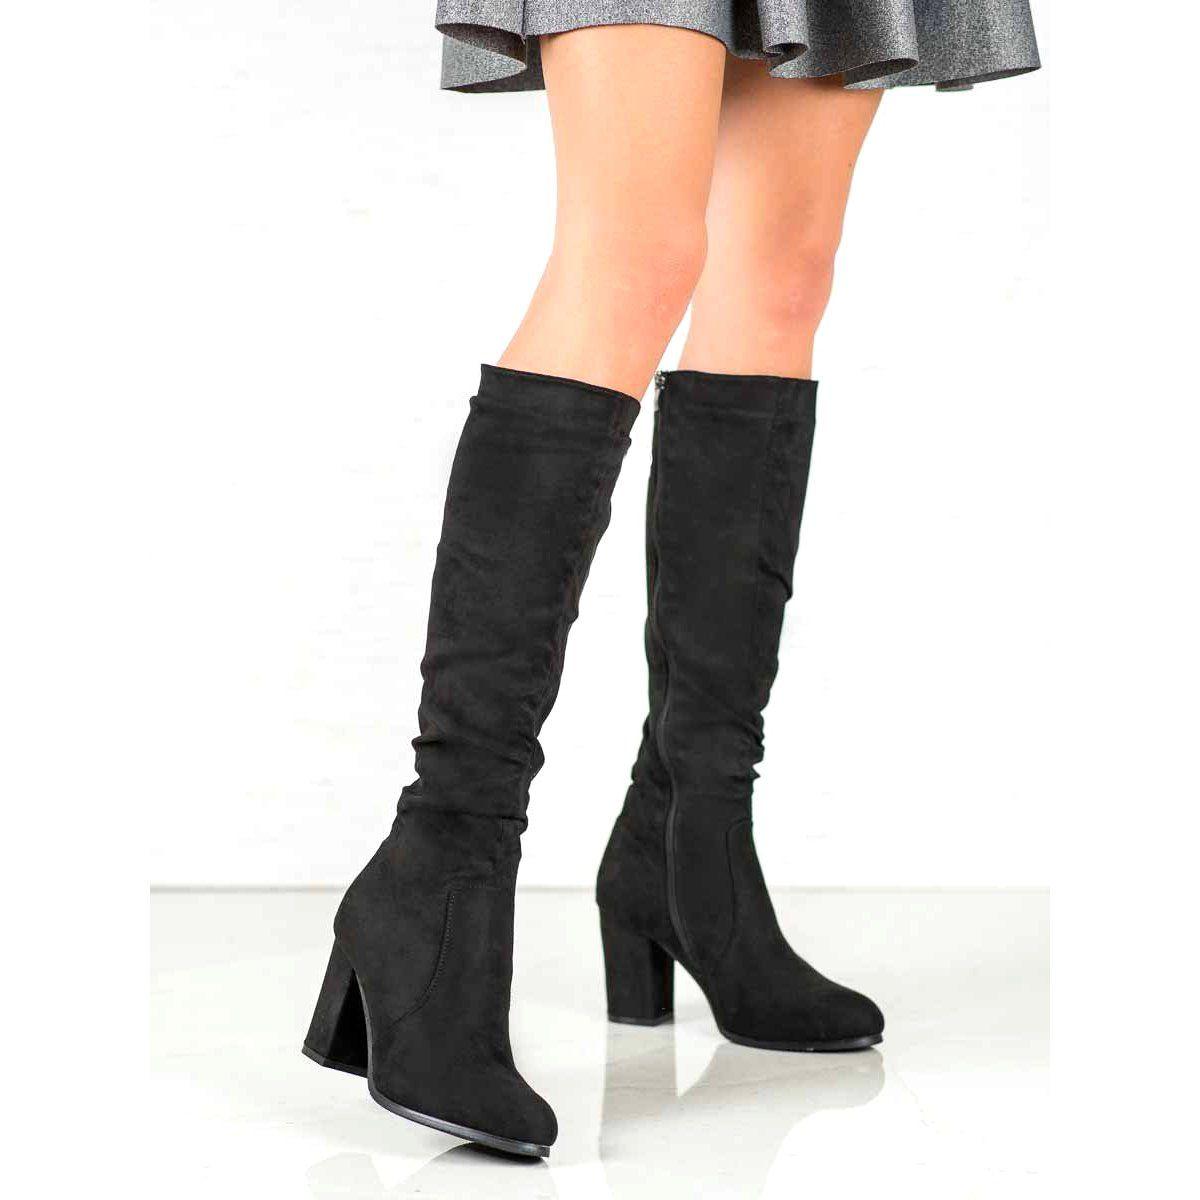 Wilady Zamszowe Kozaki Na Slupku Czarne Boots Womens Boots Boot Shoes Women